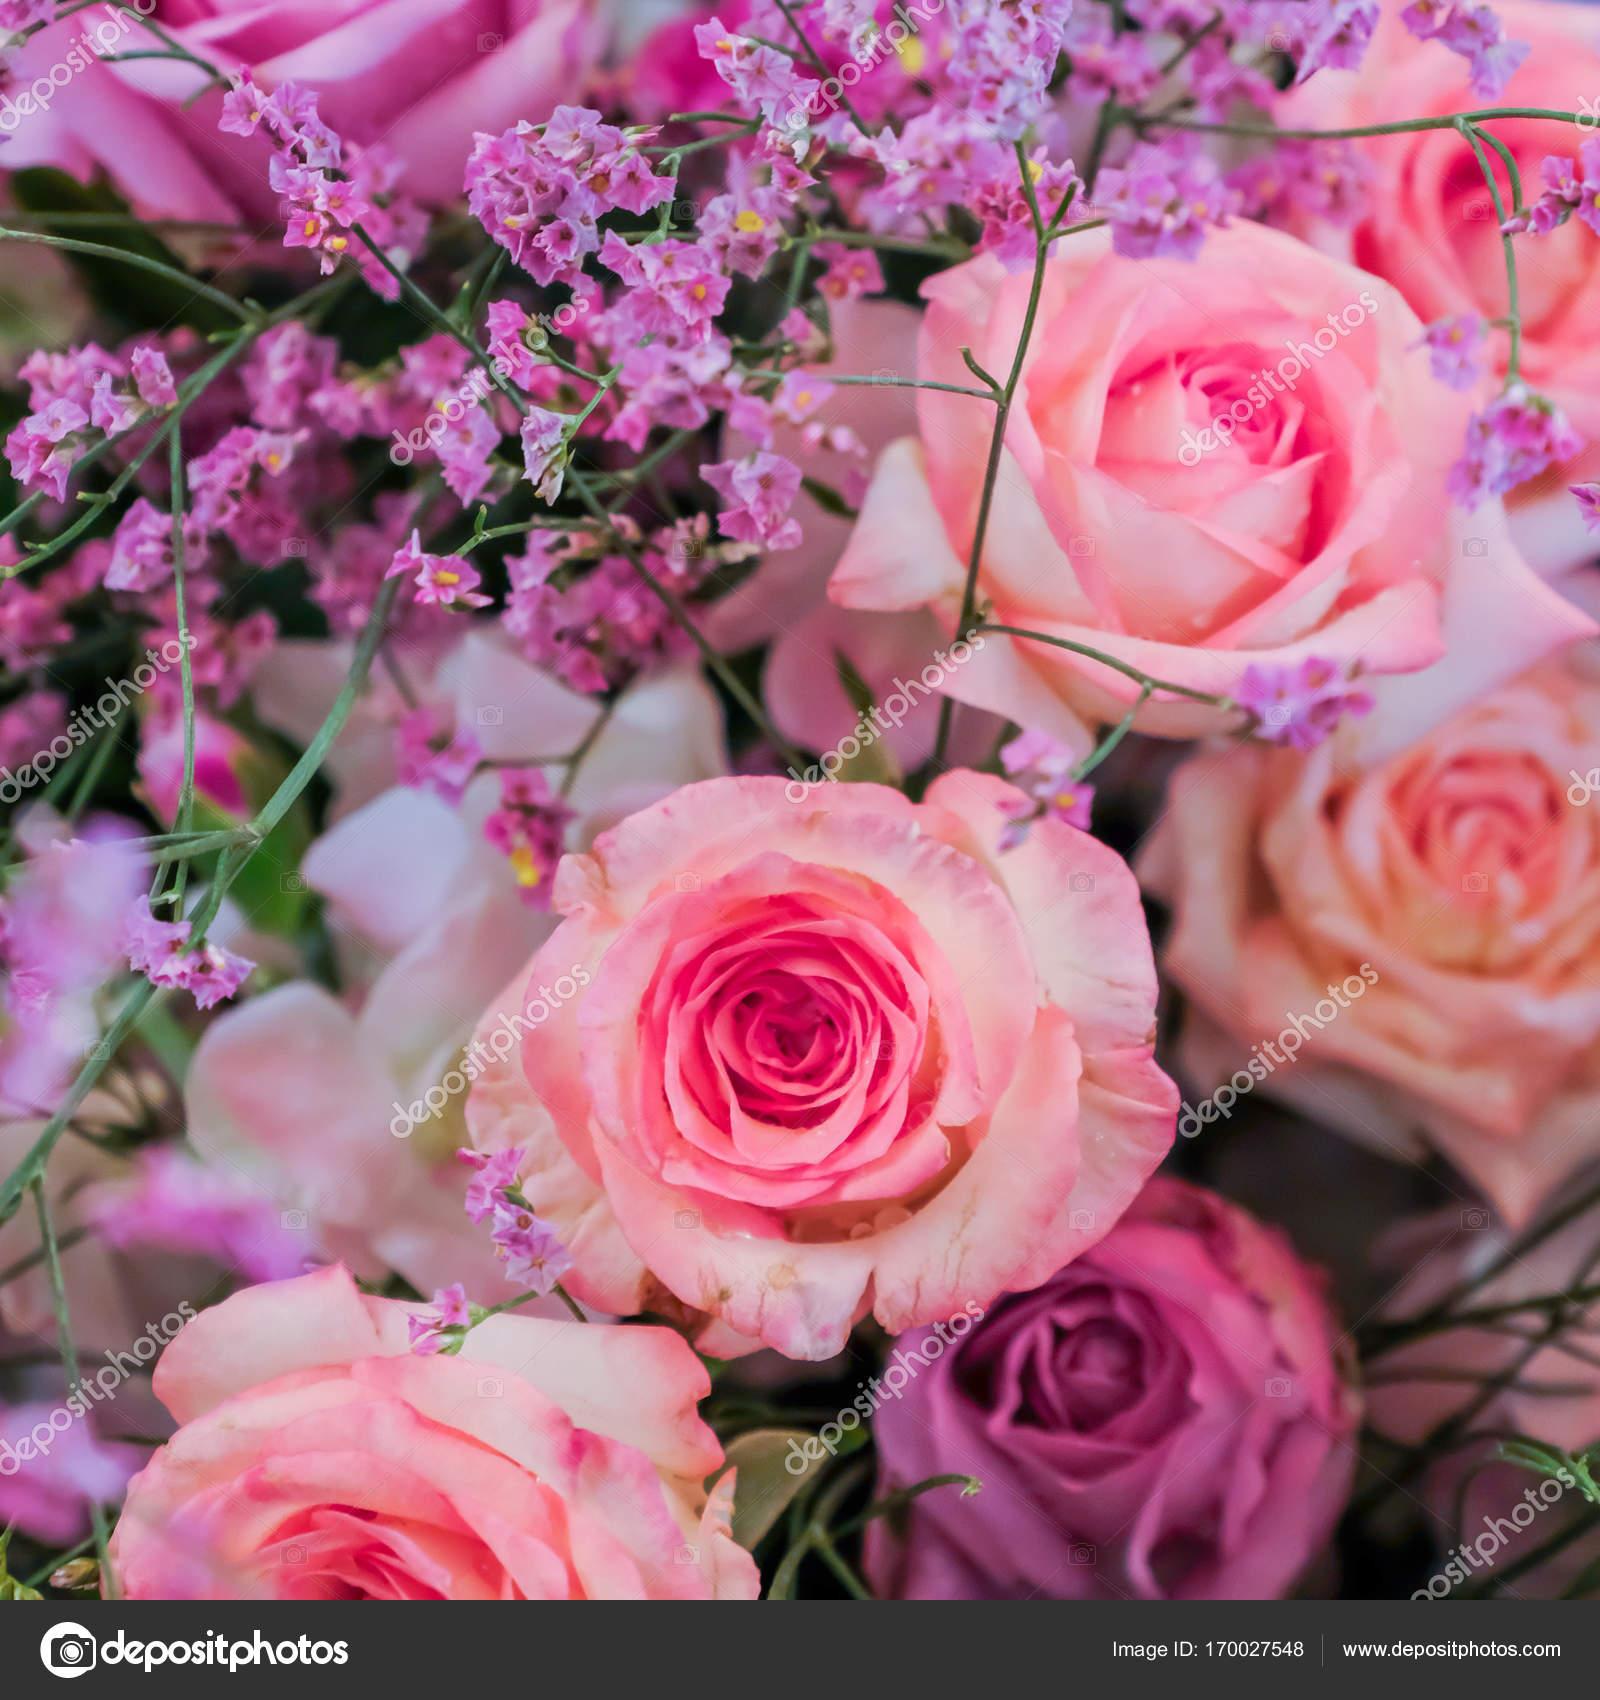 Fotos Flores Hermosas Para Descargar Fondo De Flores Hermosas